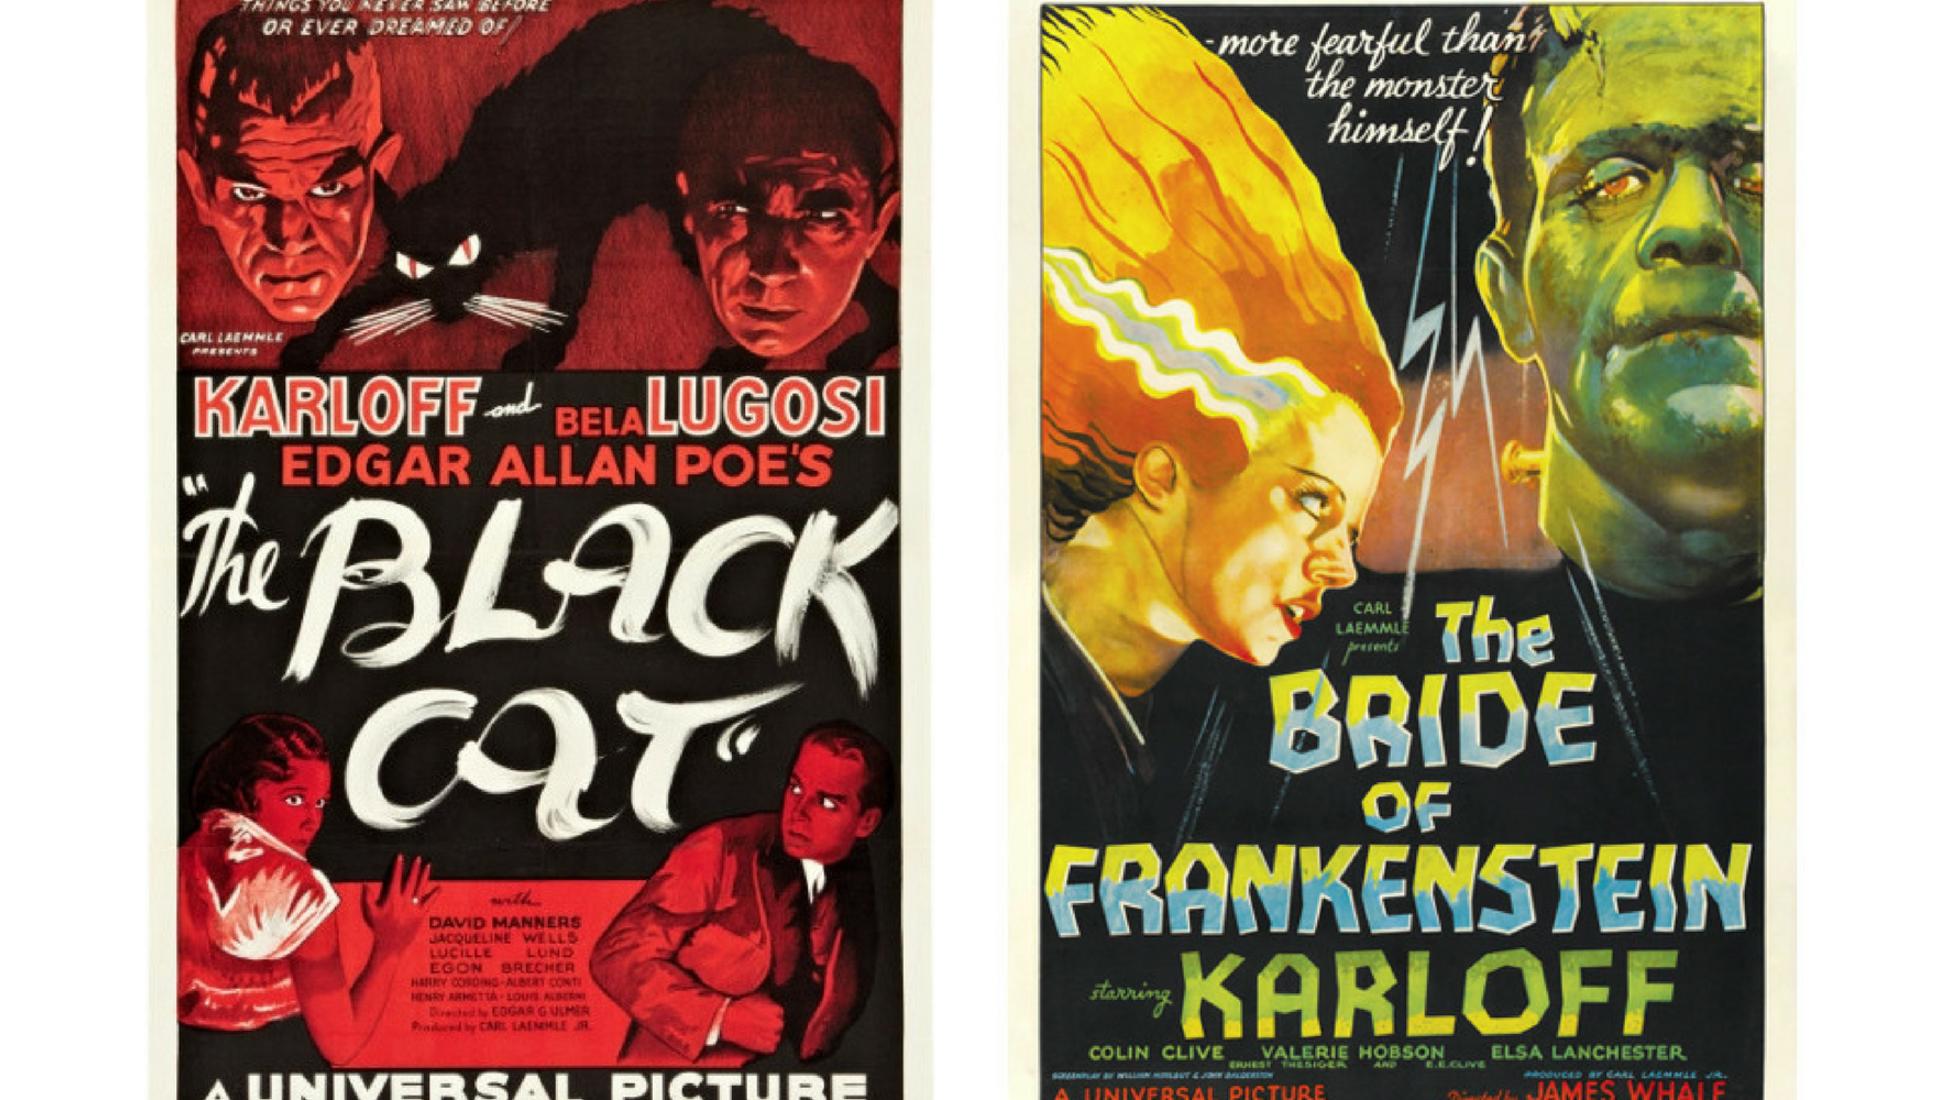 Die 5 teuersten Filmplakate, die jemals verkauft wurden - Catawiki